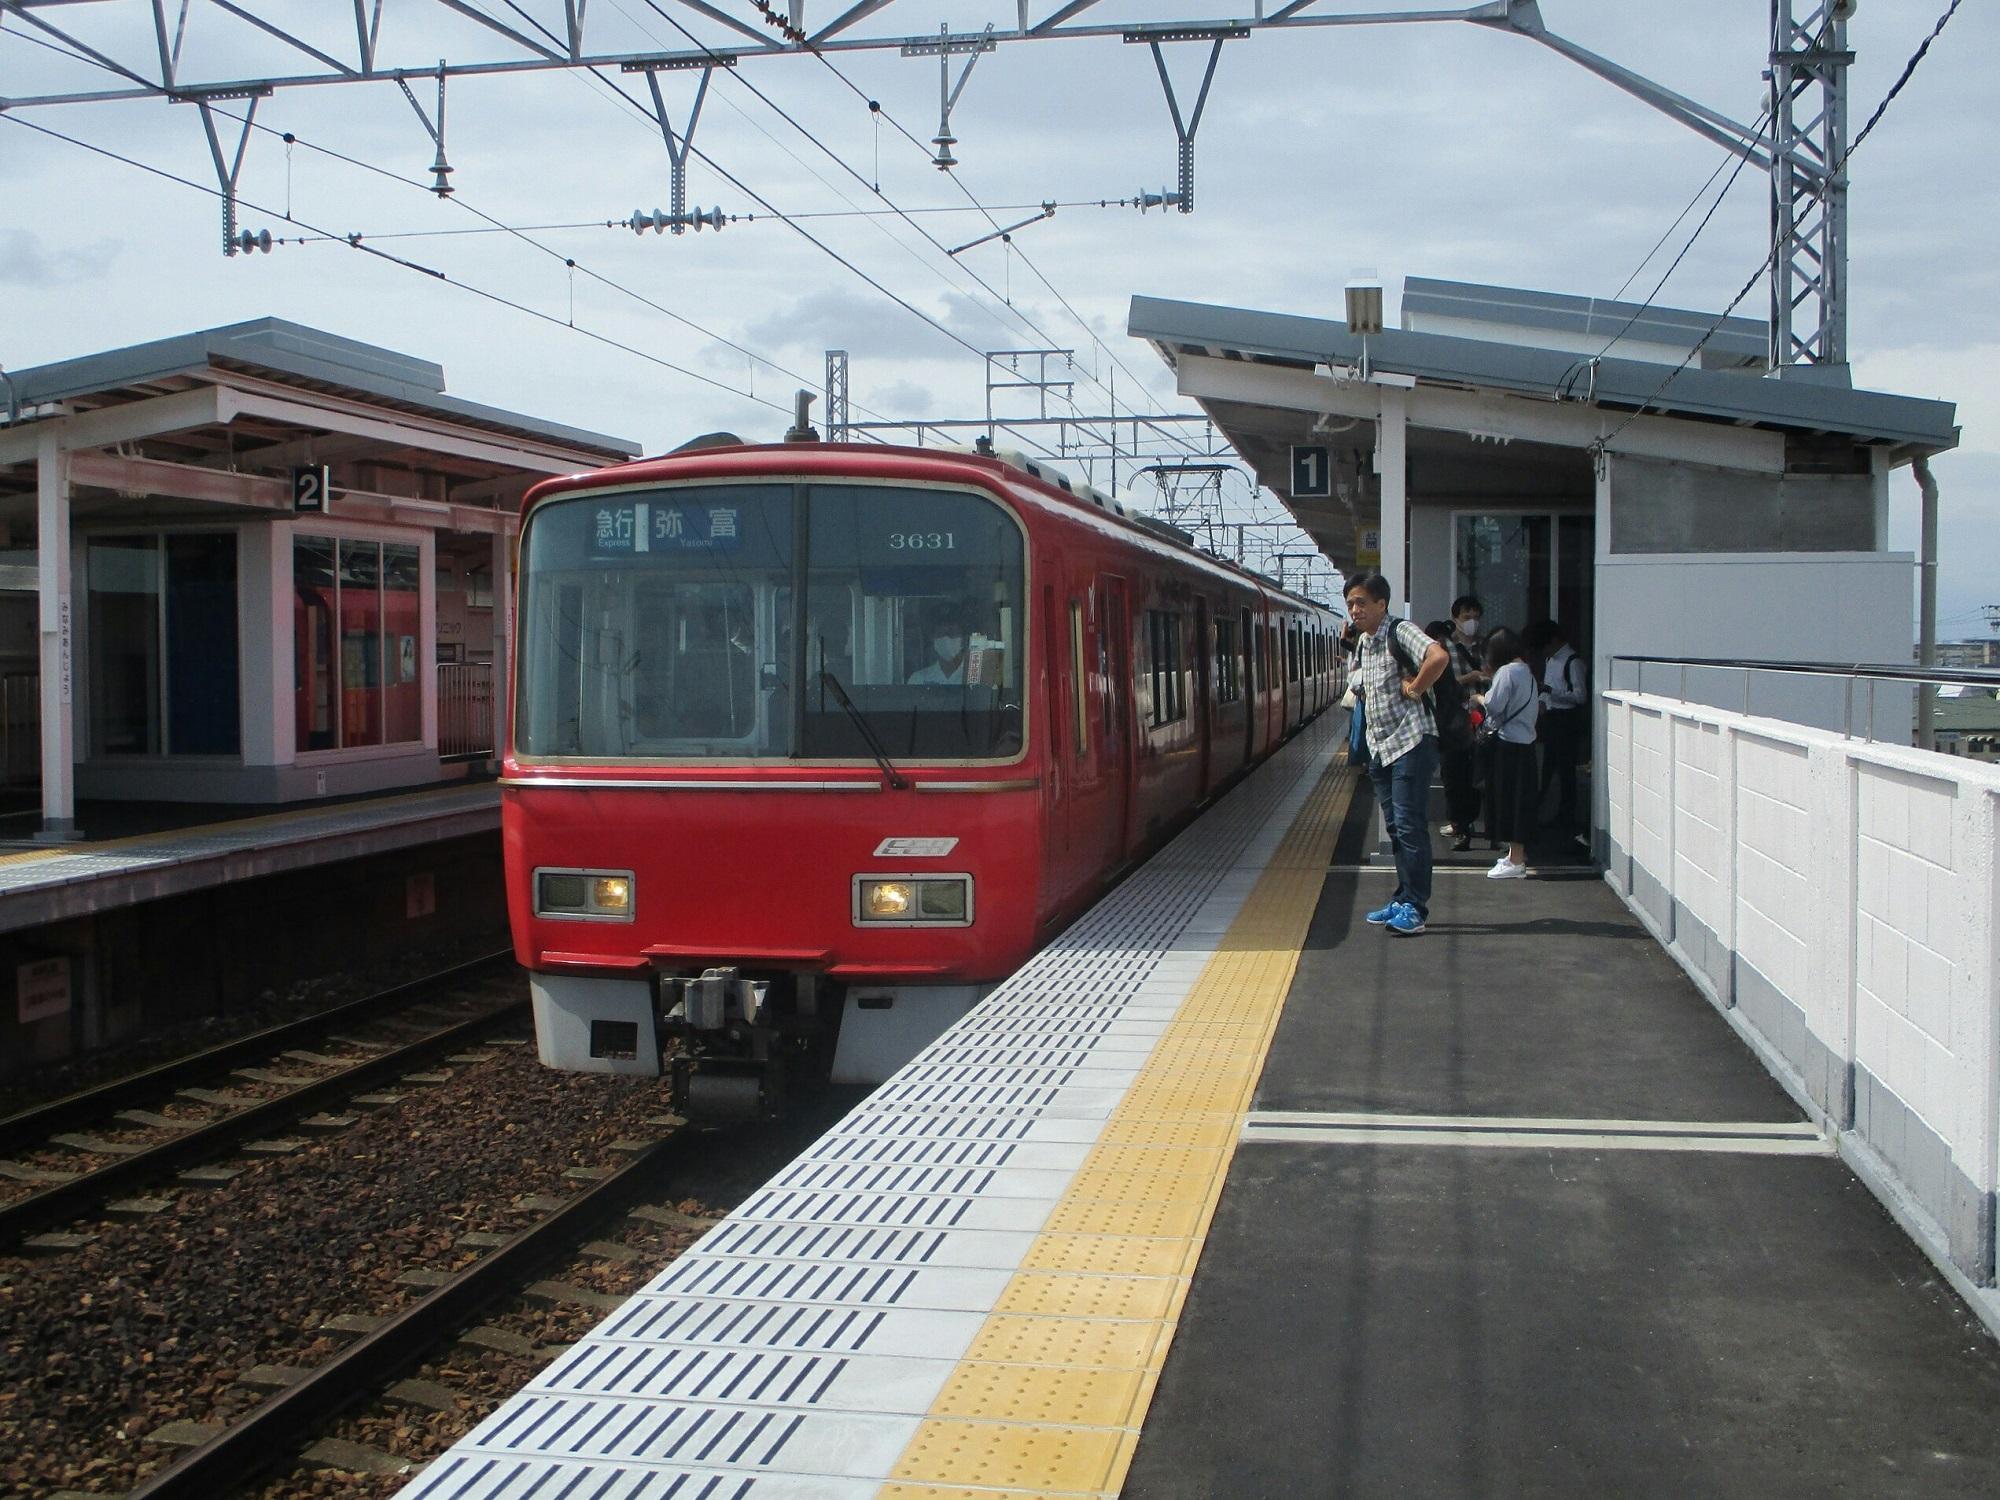 2019.6.14 (4) みなみあんじょう - 弥富いき急行 2000-1500